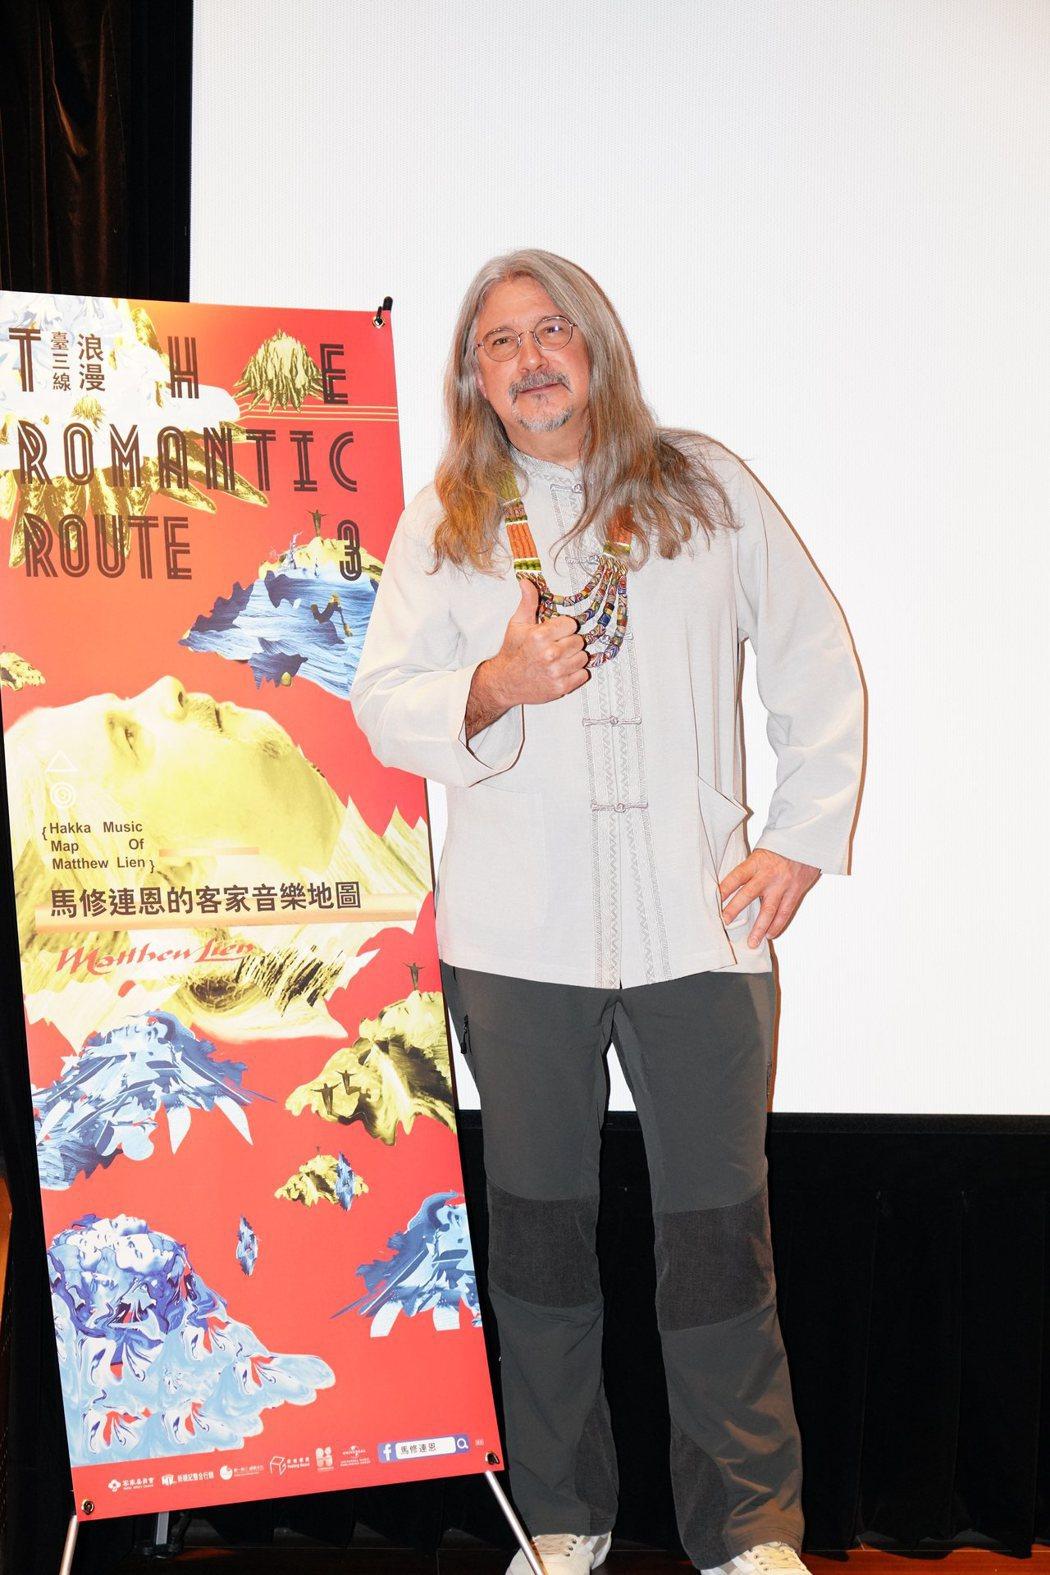 馬修連恩推出新專輯「浪漫臺三線-馬修連恩客家音樂地圖」。圖/新視紀整合行銷提供